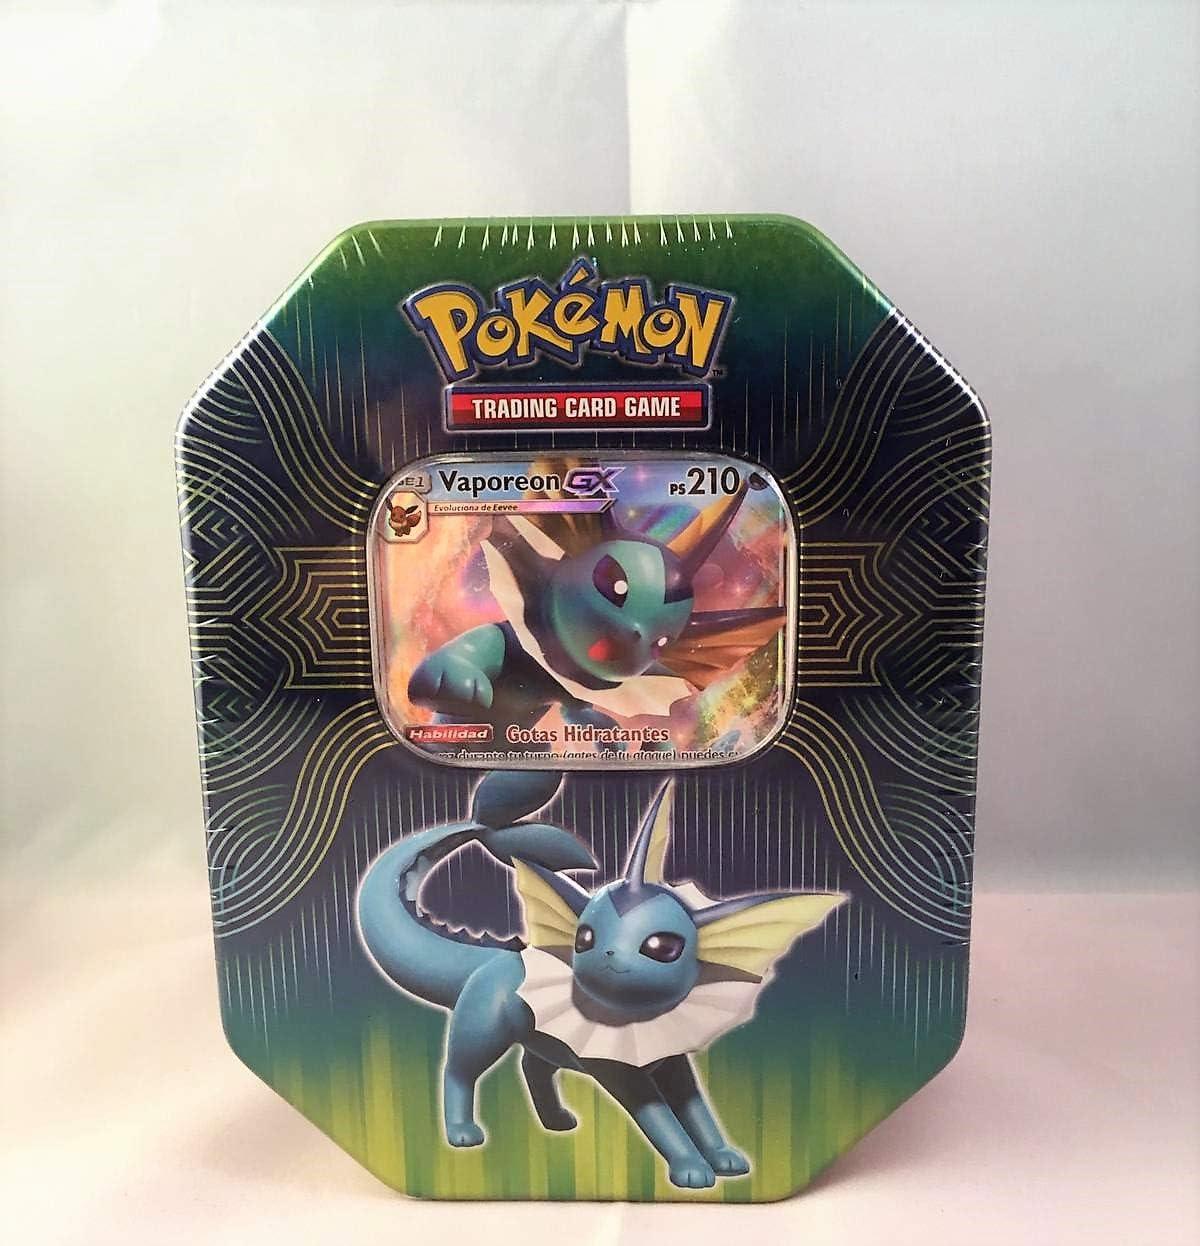 Caja Metalica de Pokemon (Vaporeon gx) español: Amazon.es ...